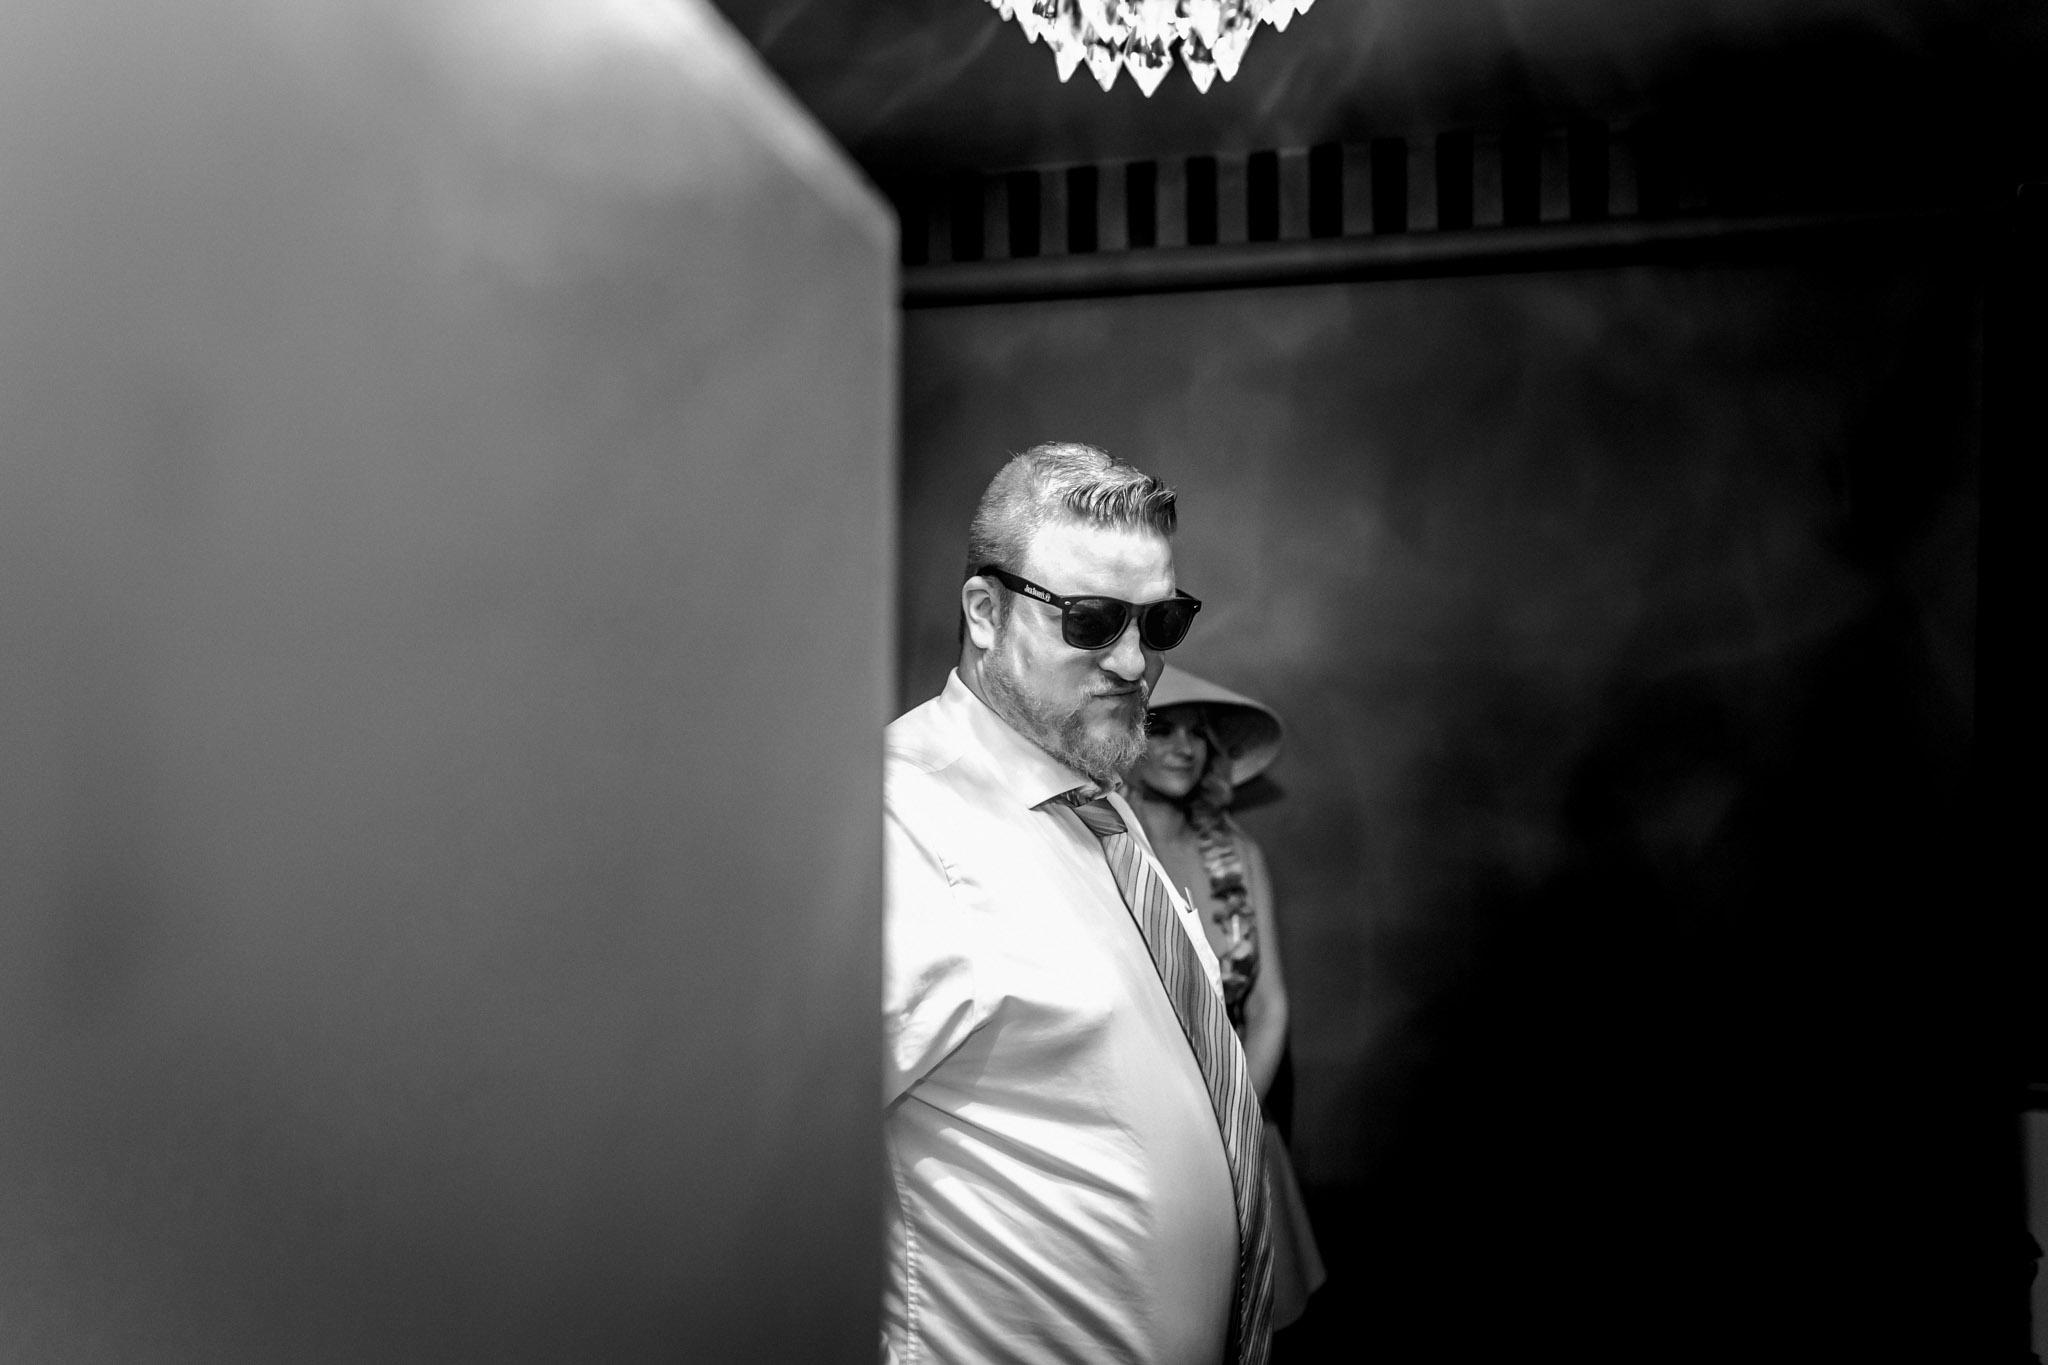 Sven Schomburg Hochzeitsfotografie, Hamburg, Mölln, Hochzeitsfieber by Photo-Schomburg, Hochzeitsreportage, Forsthaus Waldhusen, Braut, Bräutigam-83